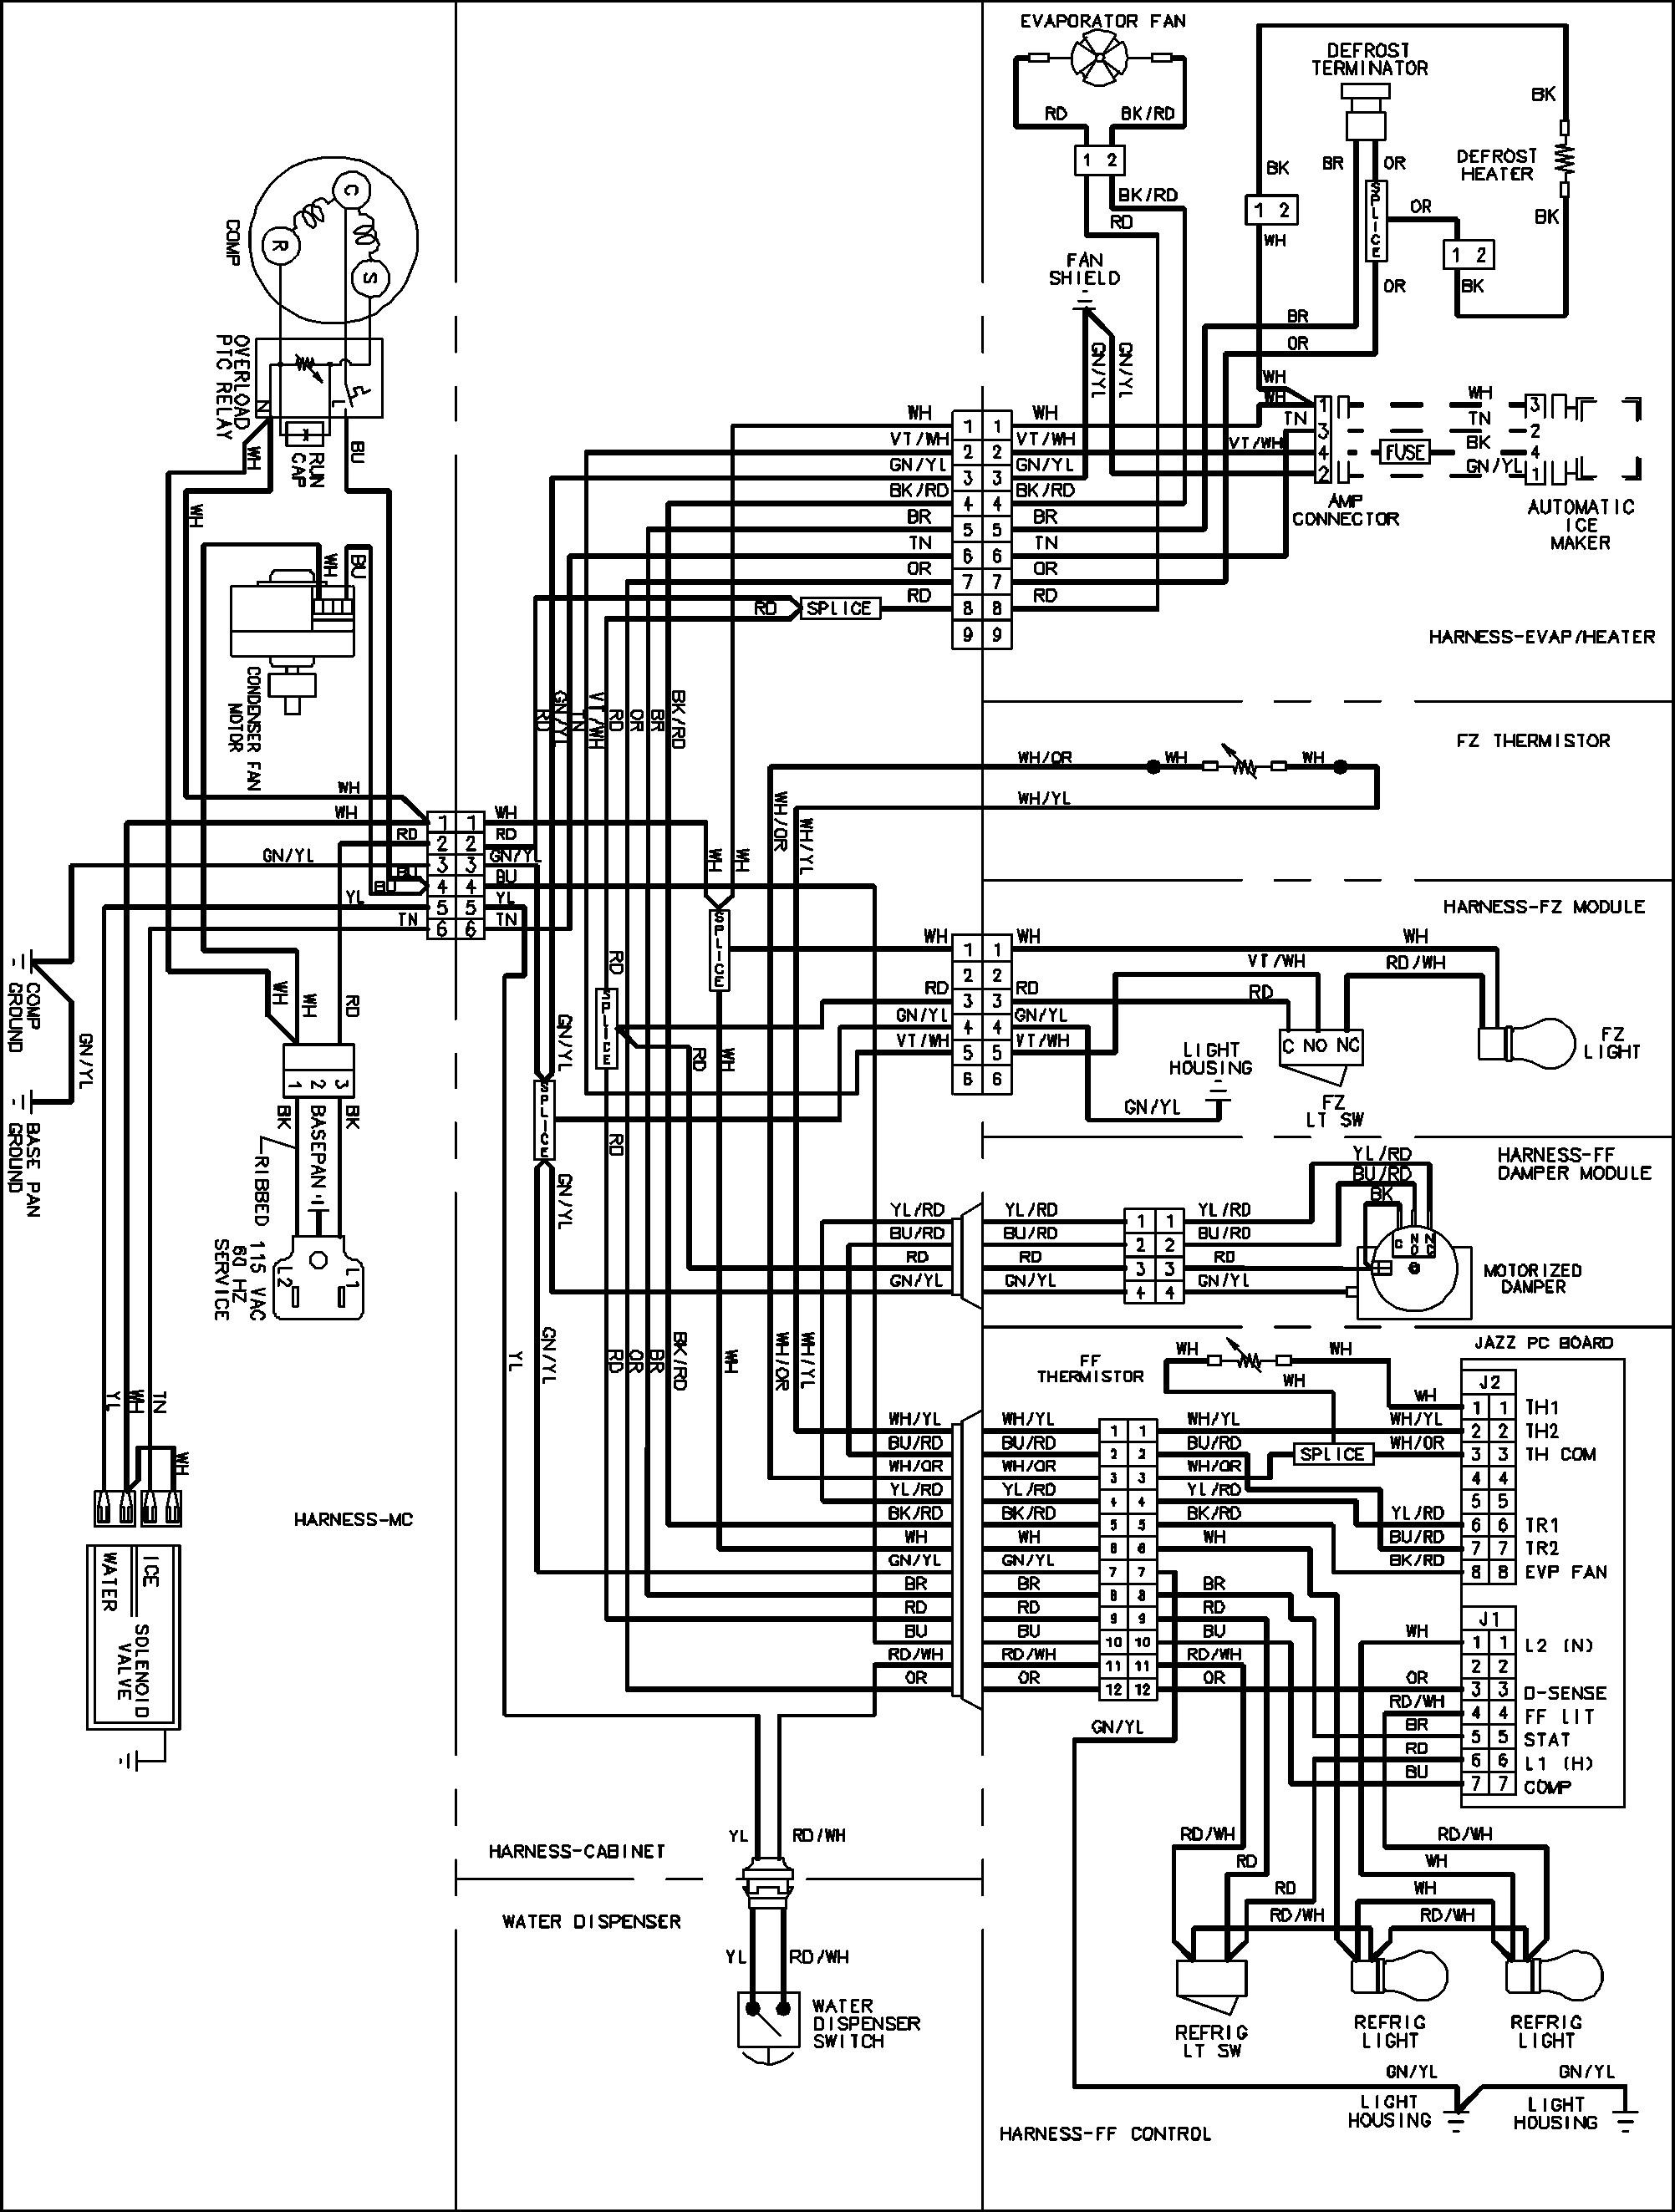 Whirlpool Refrigerator Wiring Schematic